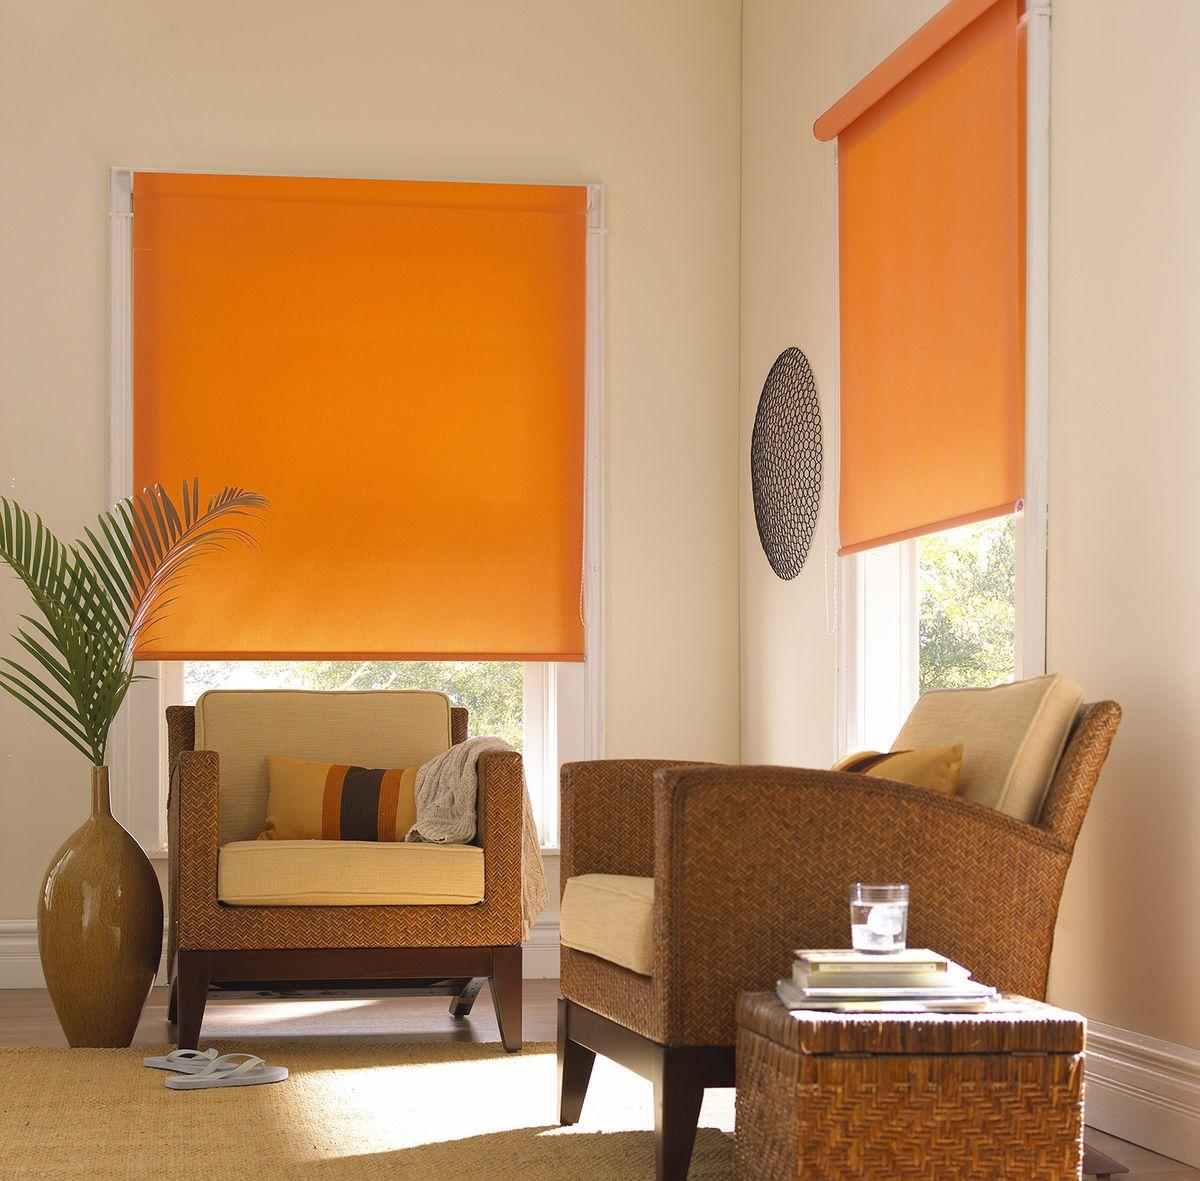 Штора рулонная Эскар Миниролло, цвет: апельсин, ширина 57 см, высота 170 см31203057170Рулонная штора Эскар Миниролло выполнена из высокопрочной ткани, которая сохраняет свой размер даже при намокании. Ткань не выцветает и обладает отличной цветоустойчивостью. Миниролло - это подвид рулонных штор, который закрывает не весь оконный проем, а непосредственно само стекло. Такие шторы крепятся на раму без сверления при помощи зажимов или клейкой двухсторонней ленты (в комплекте). Окно остается на гарантии, благодаря монтажу без сверления. Такая штора станет прекрасным элементом декора окна и гармонично впишется в интерьер любого помещения.